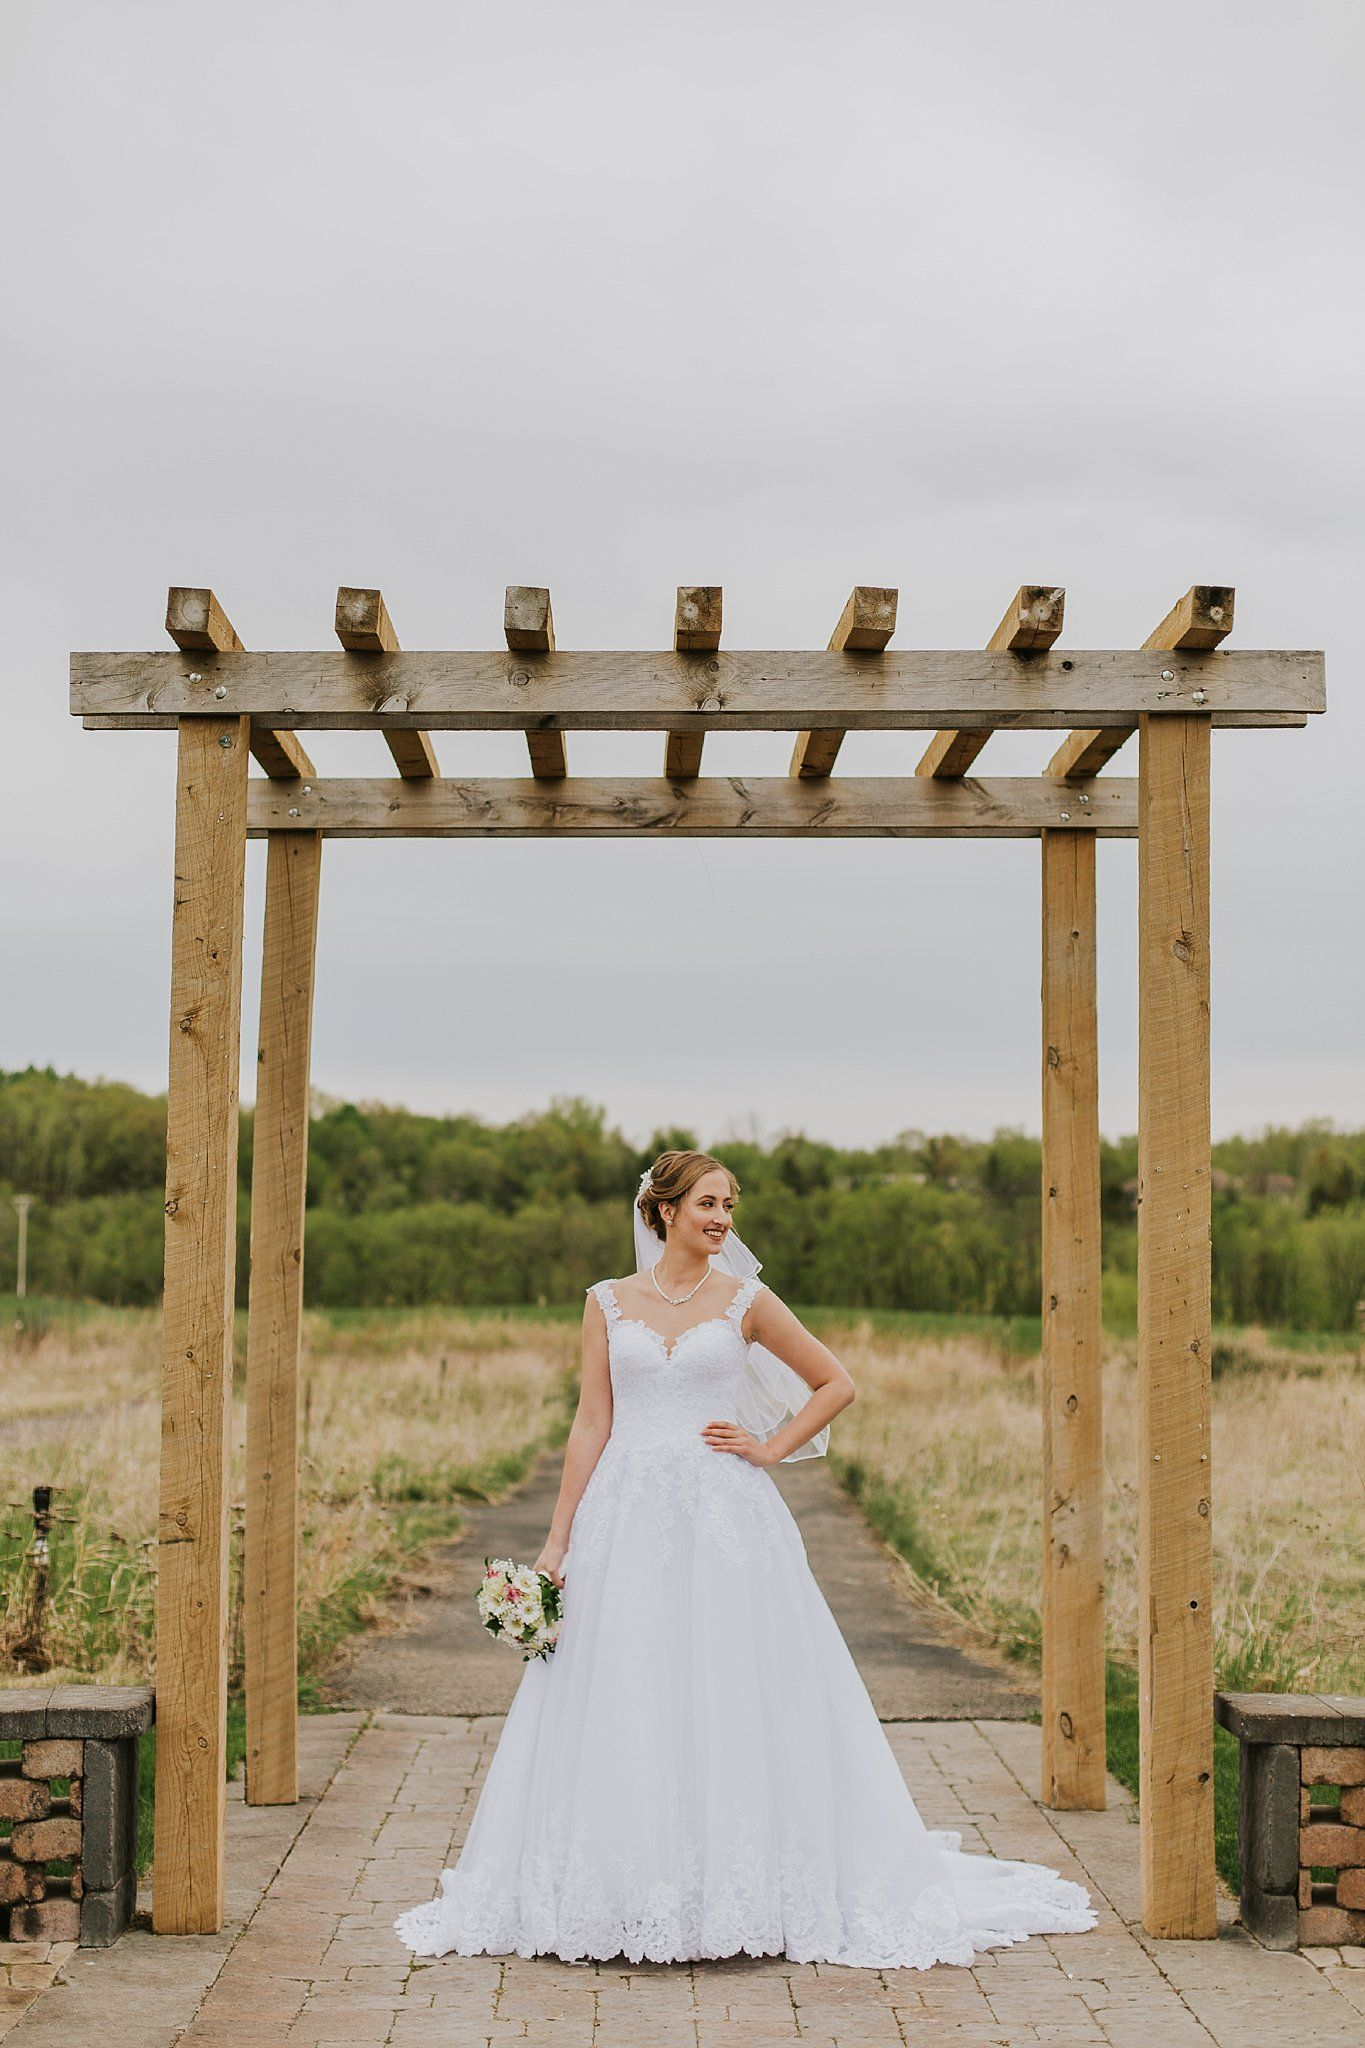 14++ Outdoor wedding reception venues mn ideas in 2021